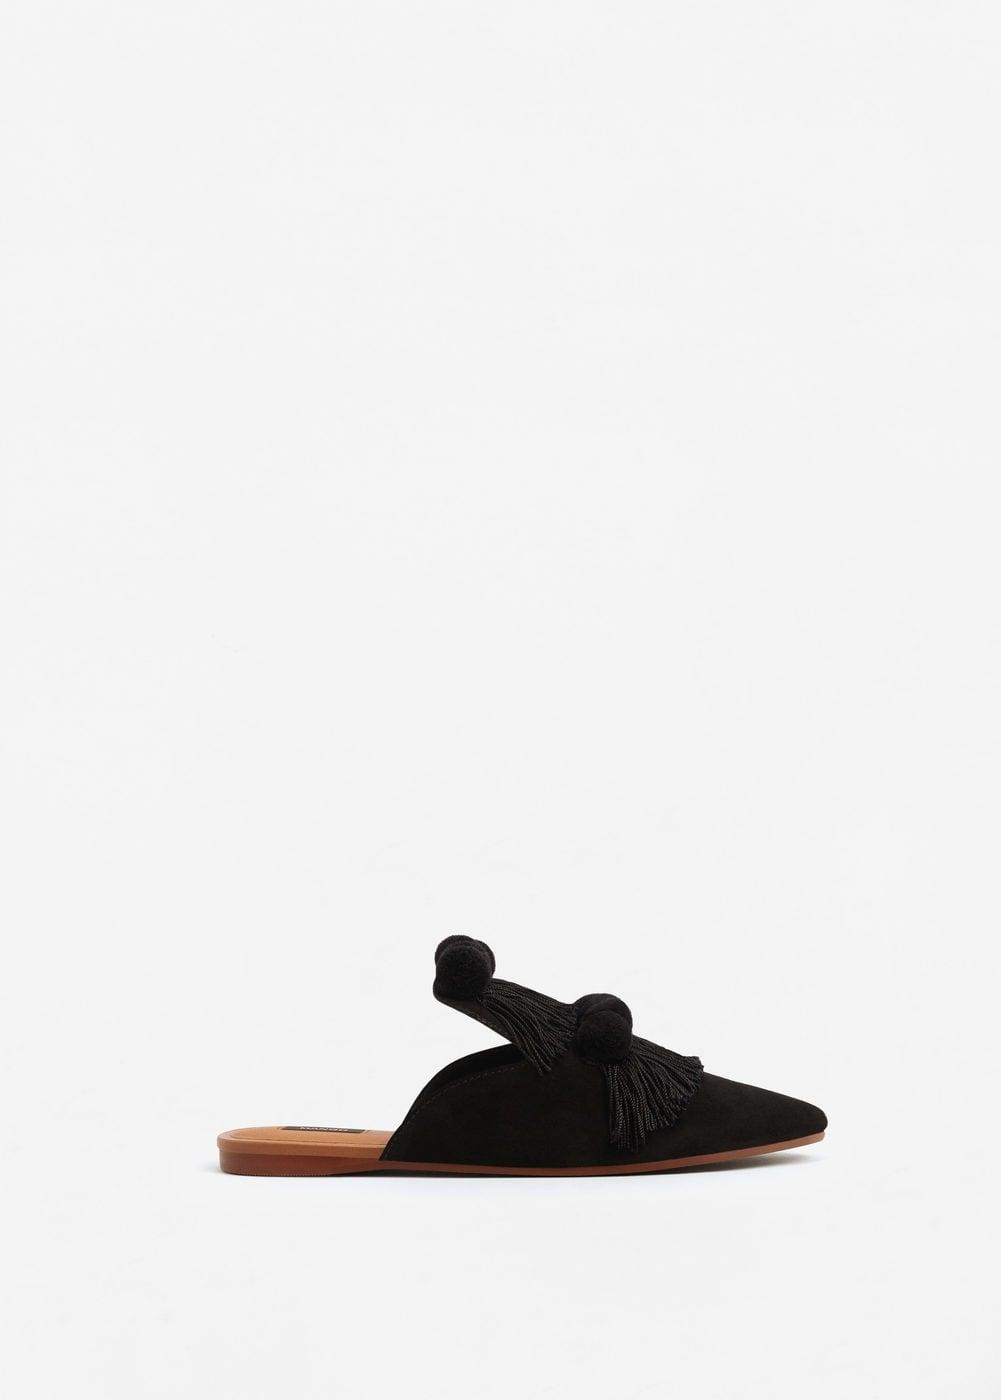 Mango fringed shoes $79.99